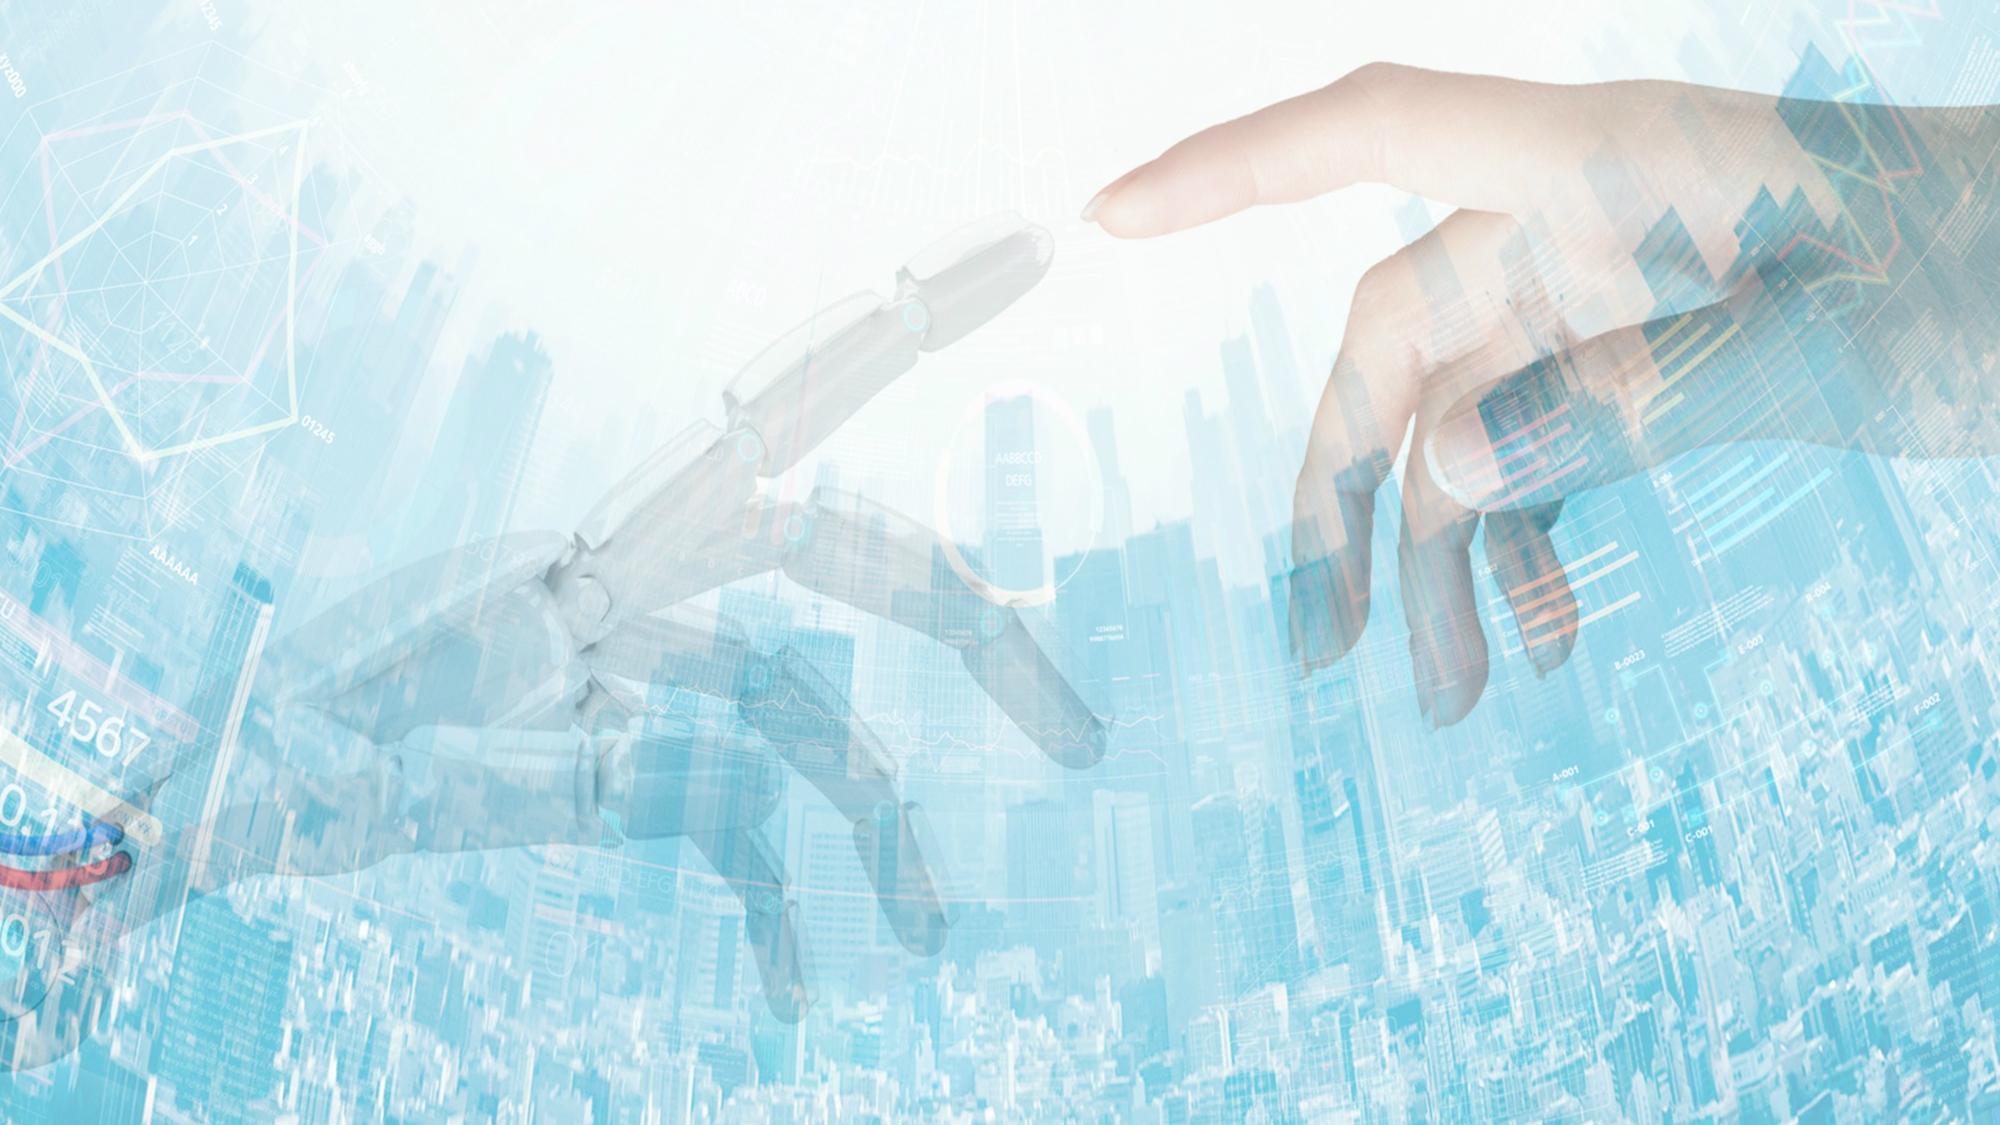 統合的セキュリティ「ジュピタープロジェクト」が目指す未来